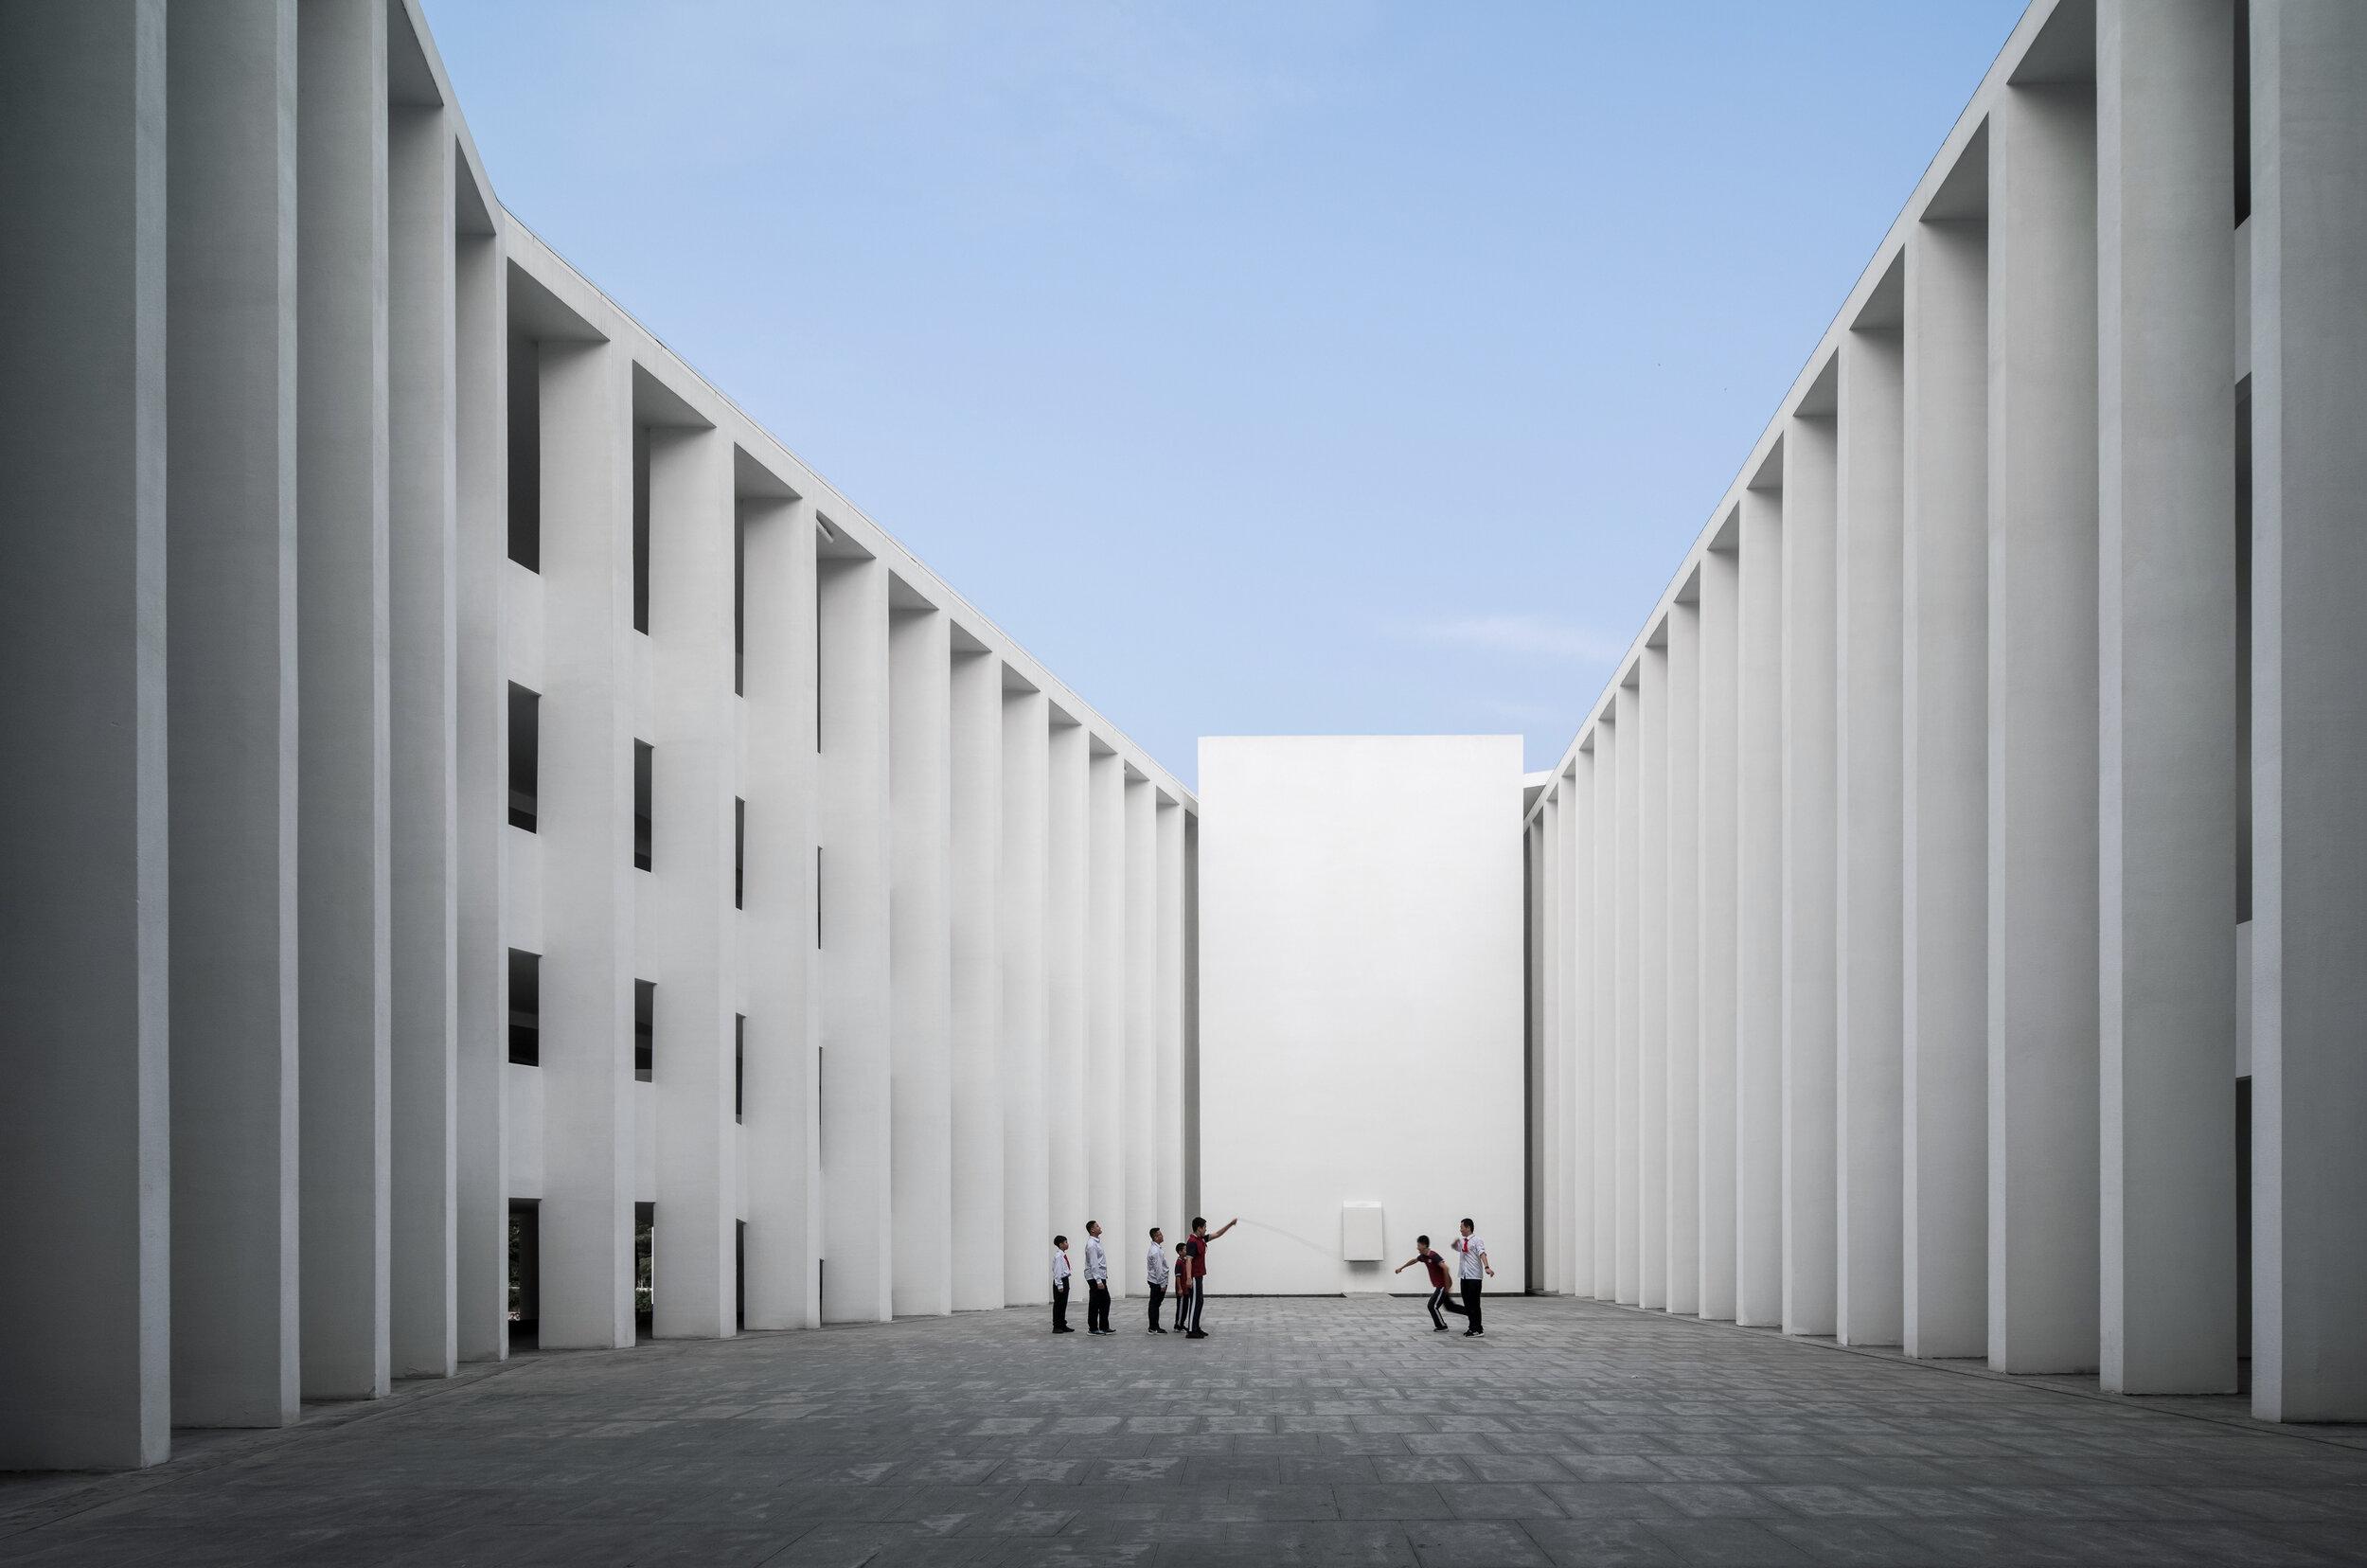 15 中心庭院 ?是然建筑攝影 Central courtyard  ?Schran Images.jpg